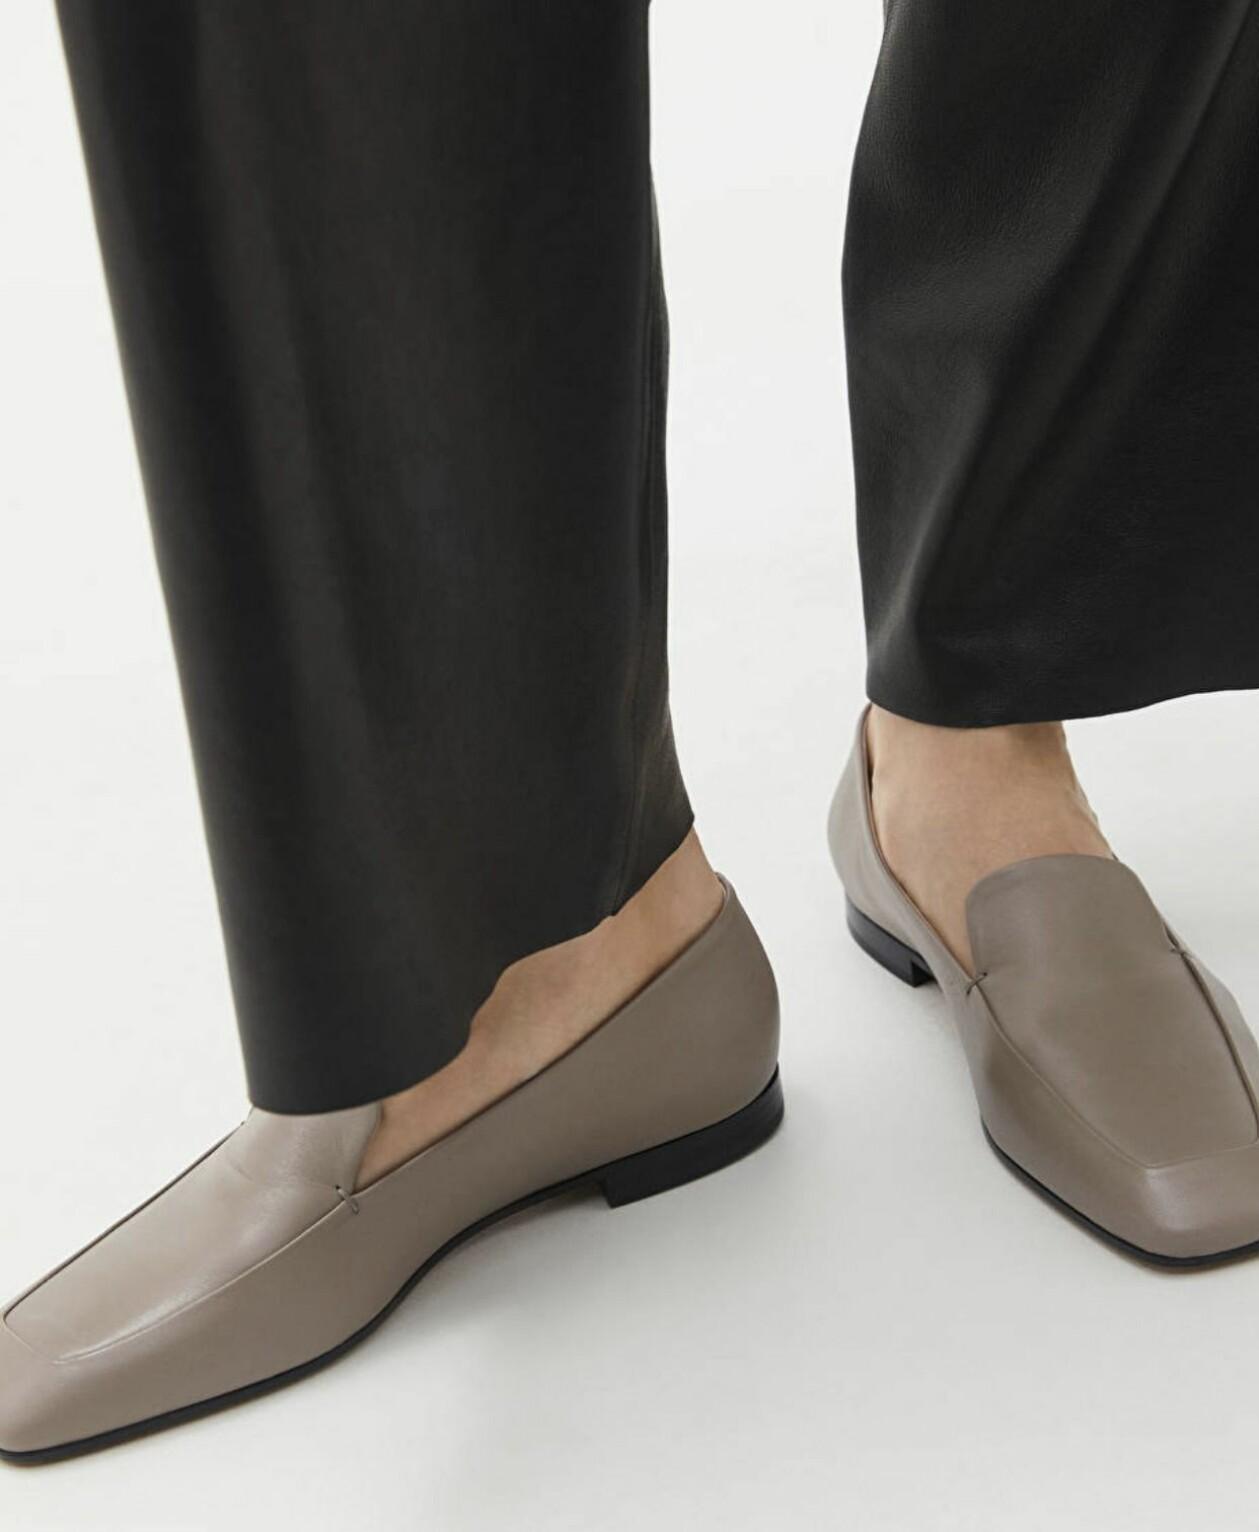 Kittfärgade loafers med tvär tå, från Arket.